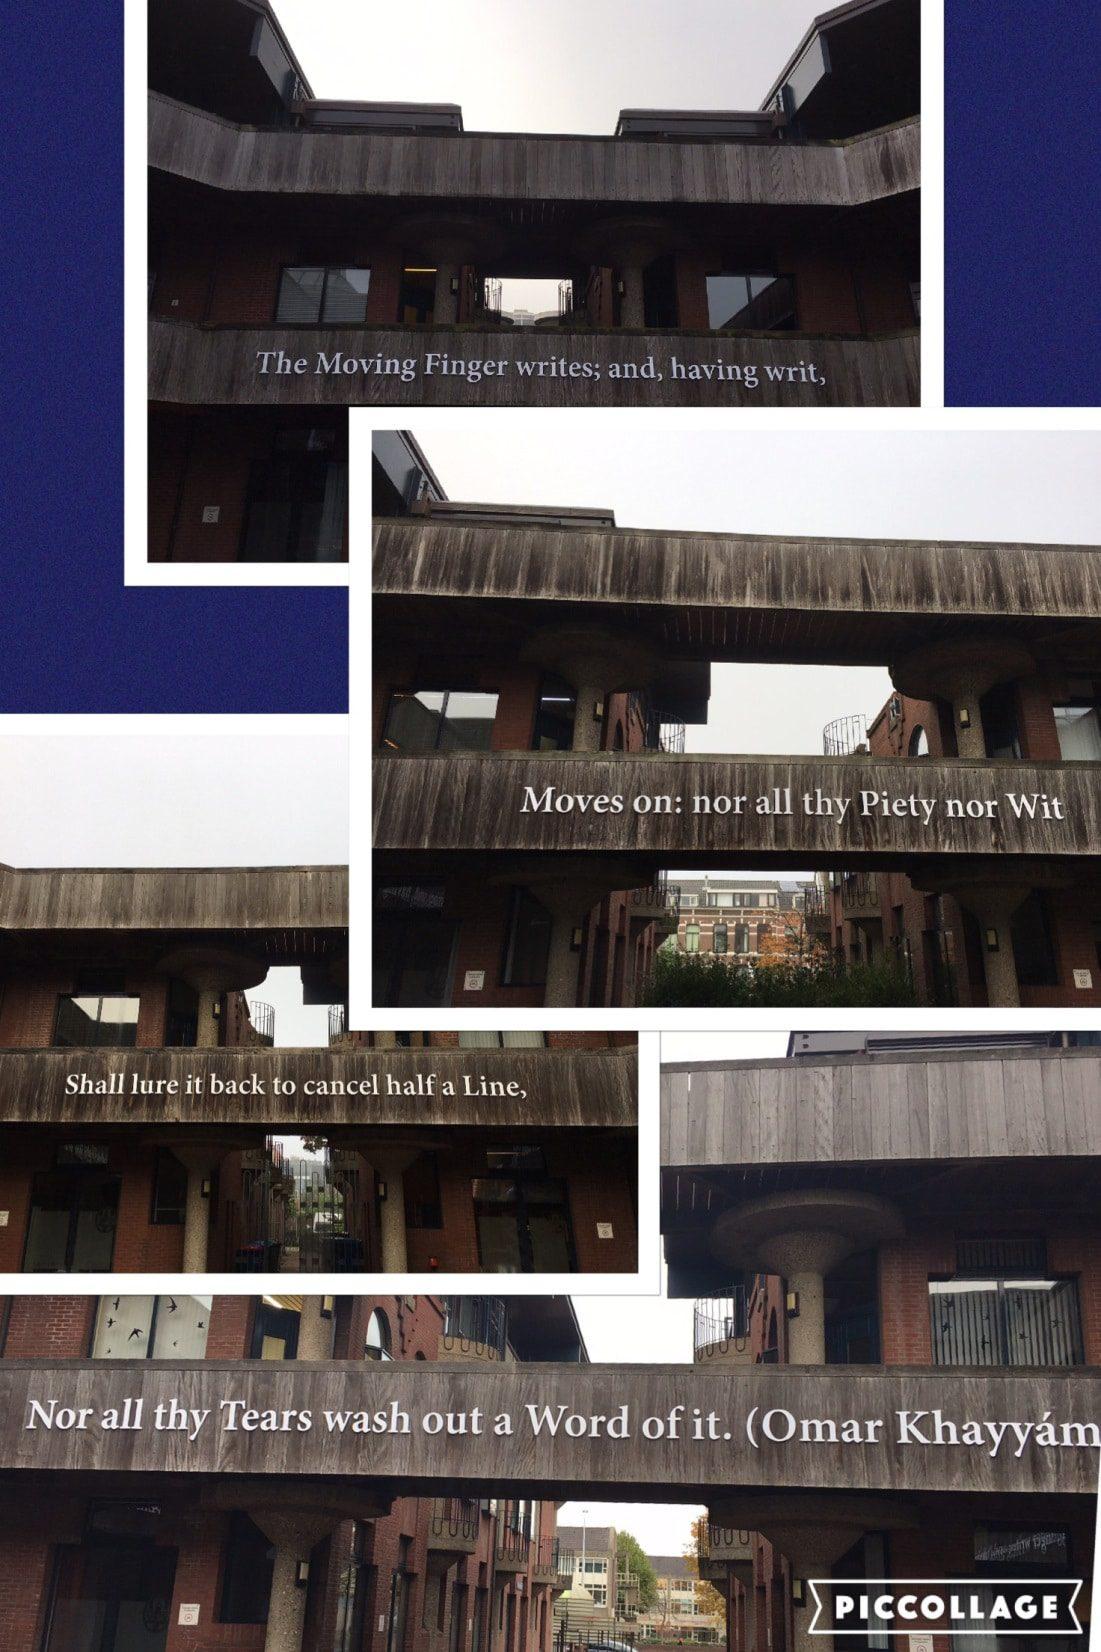 الرباعية المنسوبة لعمر الخيام على جدران معهد لايدن